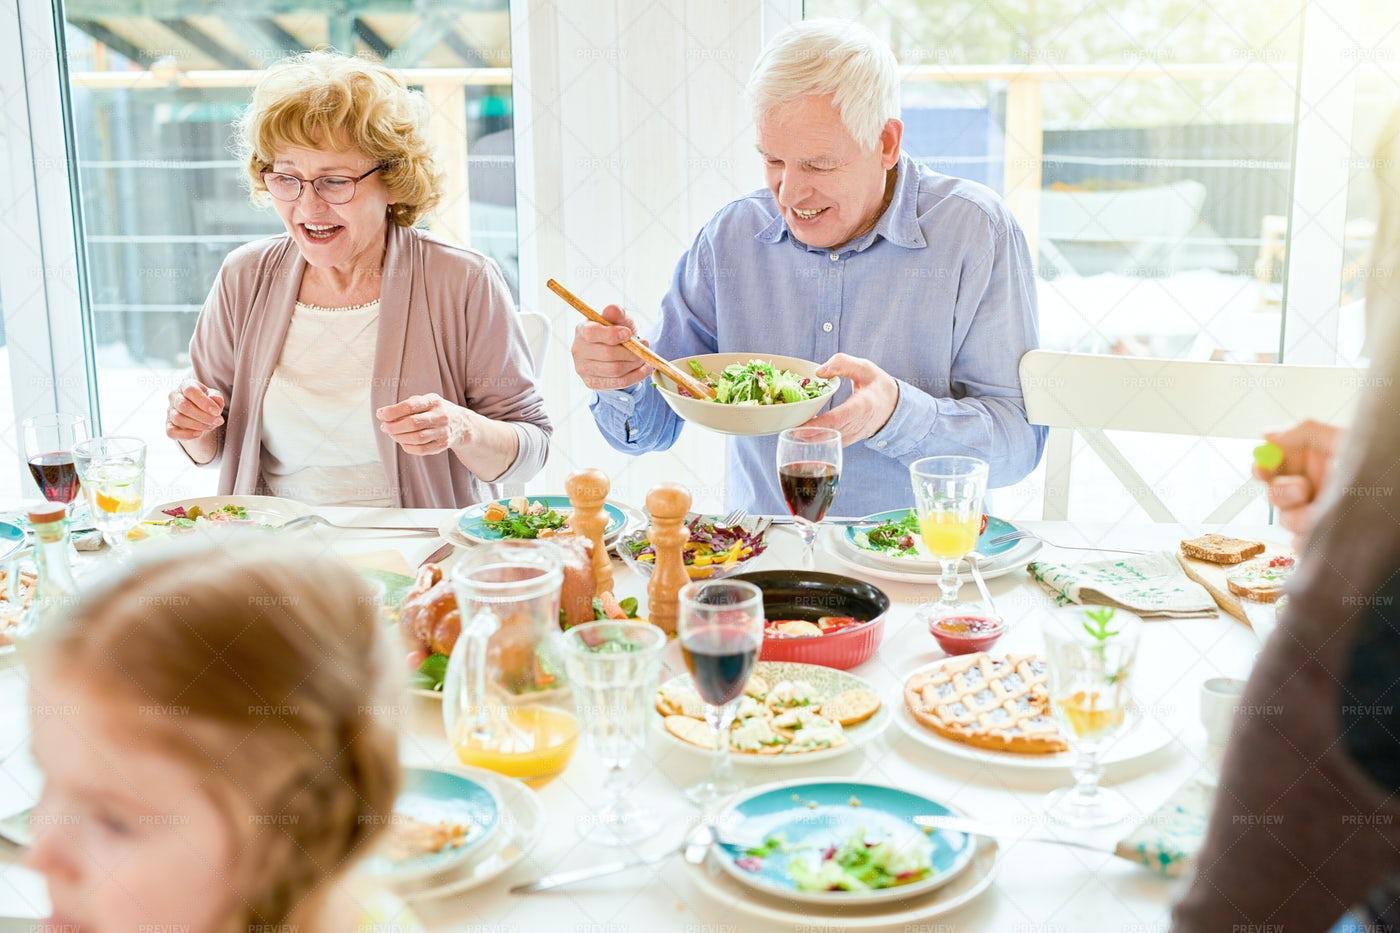 Grandparents Enjoying Food At...: Stock Photos